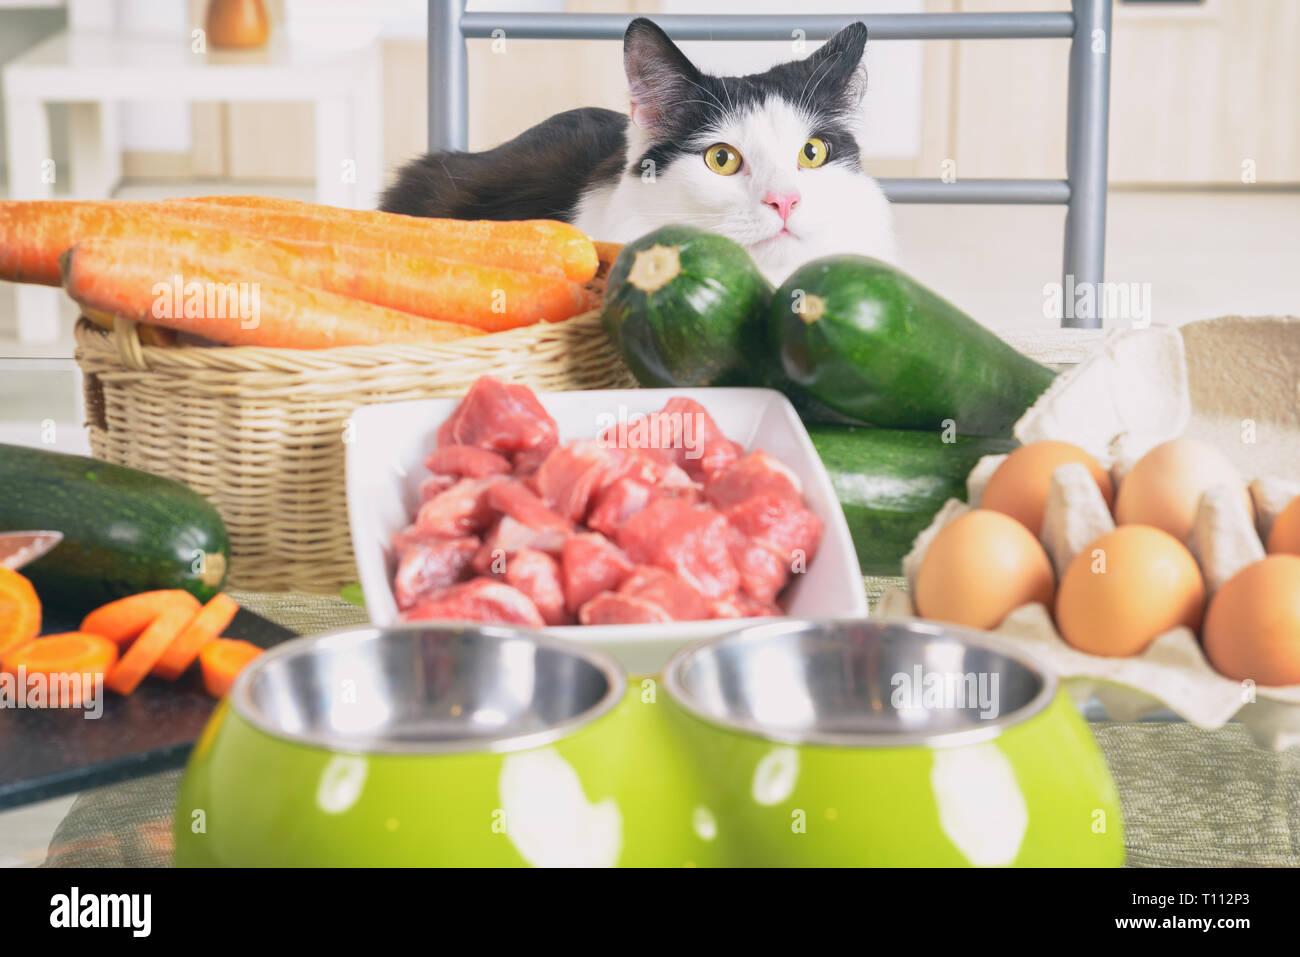 La préparation des aliments naturels et biologiques naturels pour animaux domestiques à la maison Photo Stock